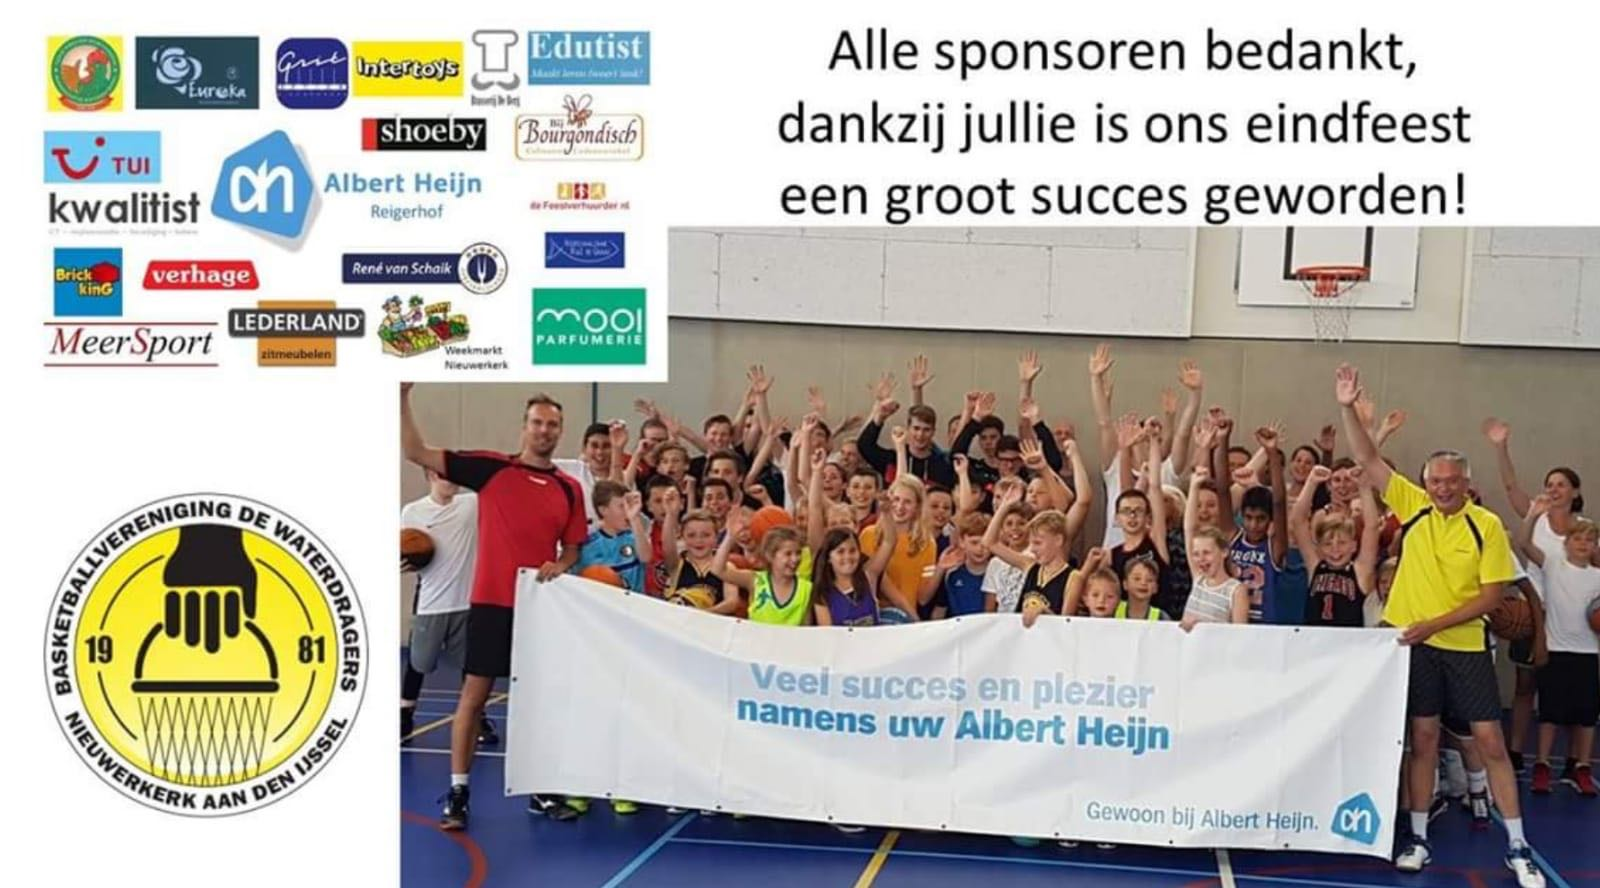 Bedankt sponsoren eindfeest